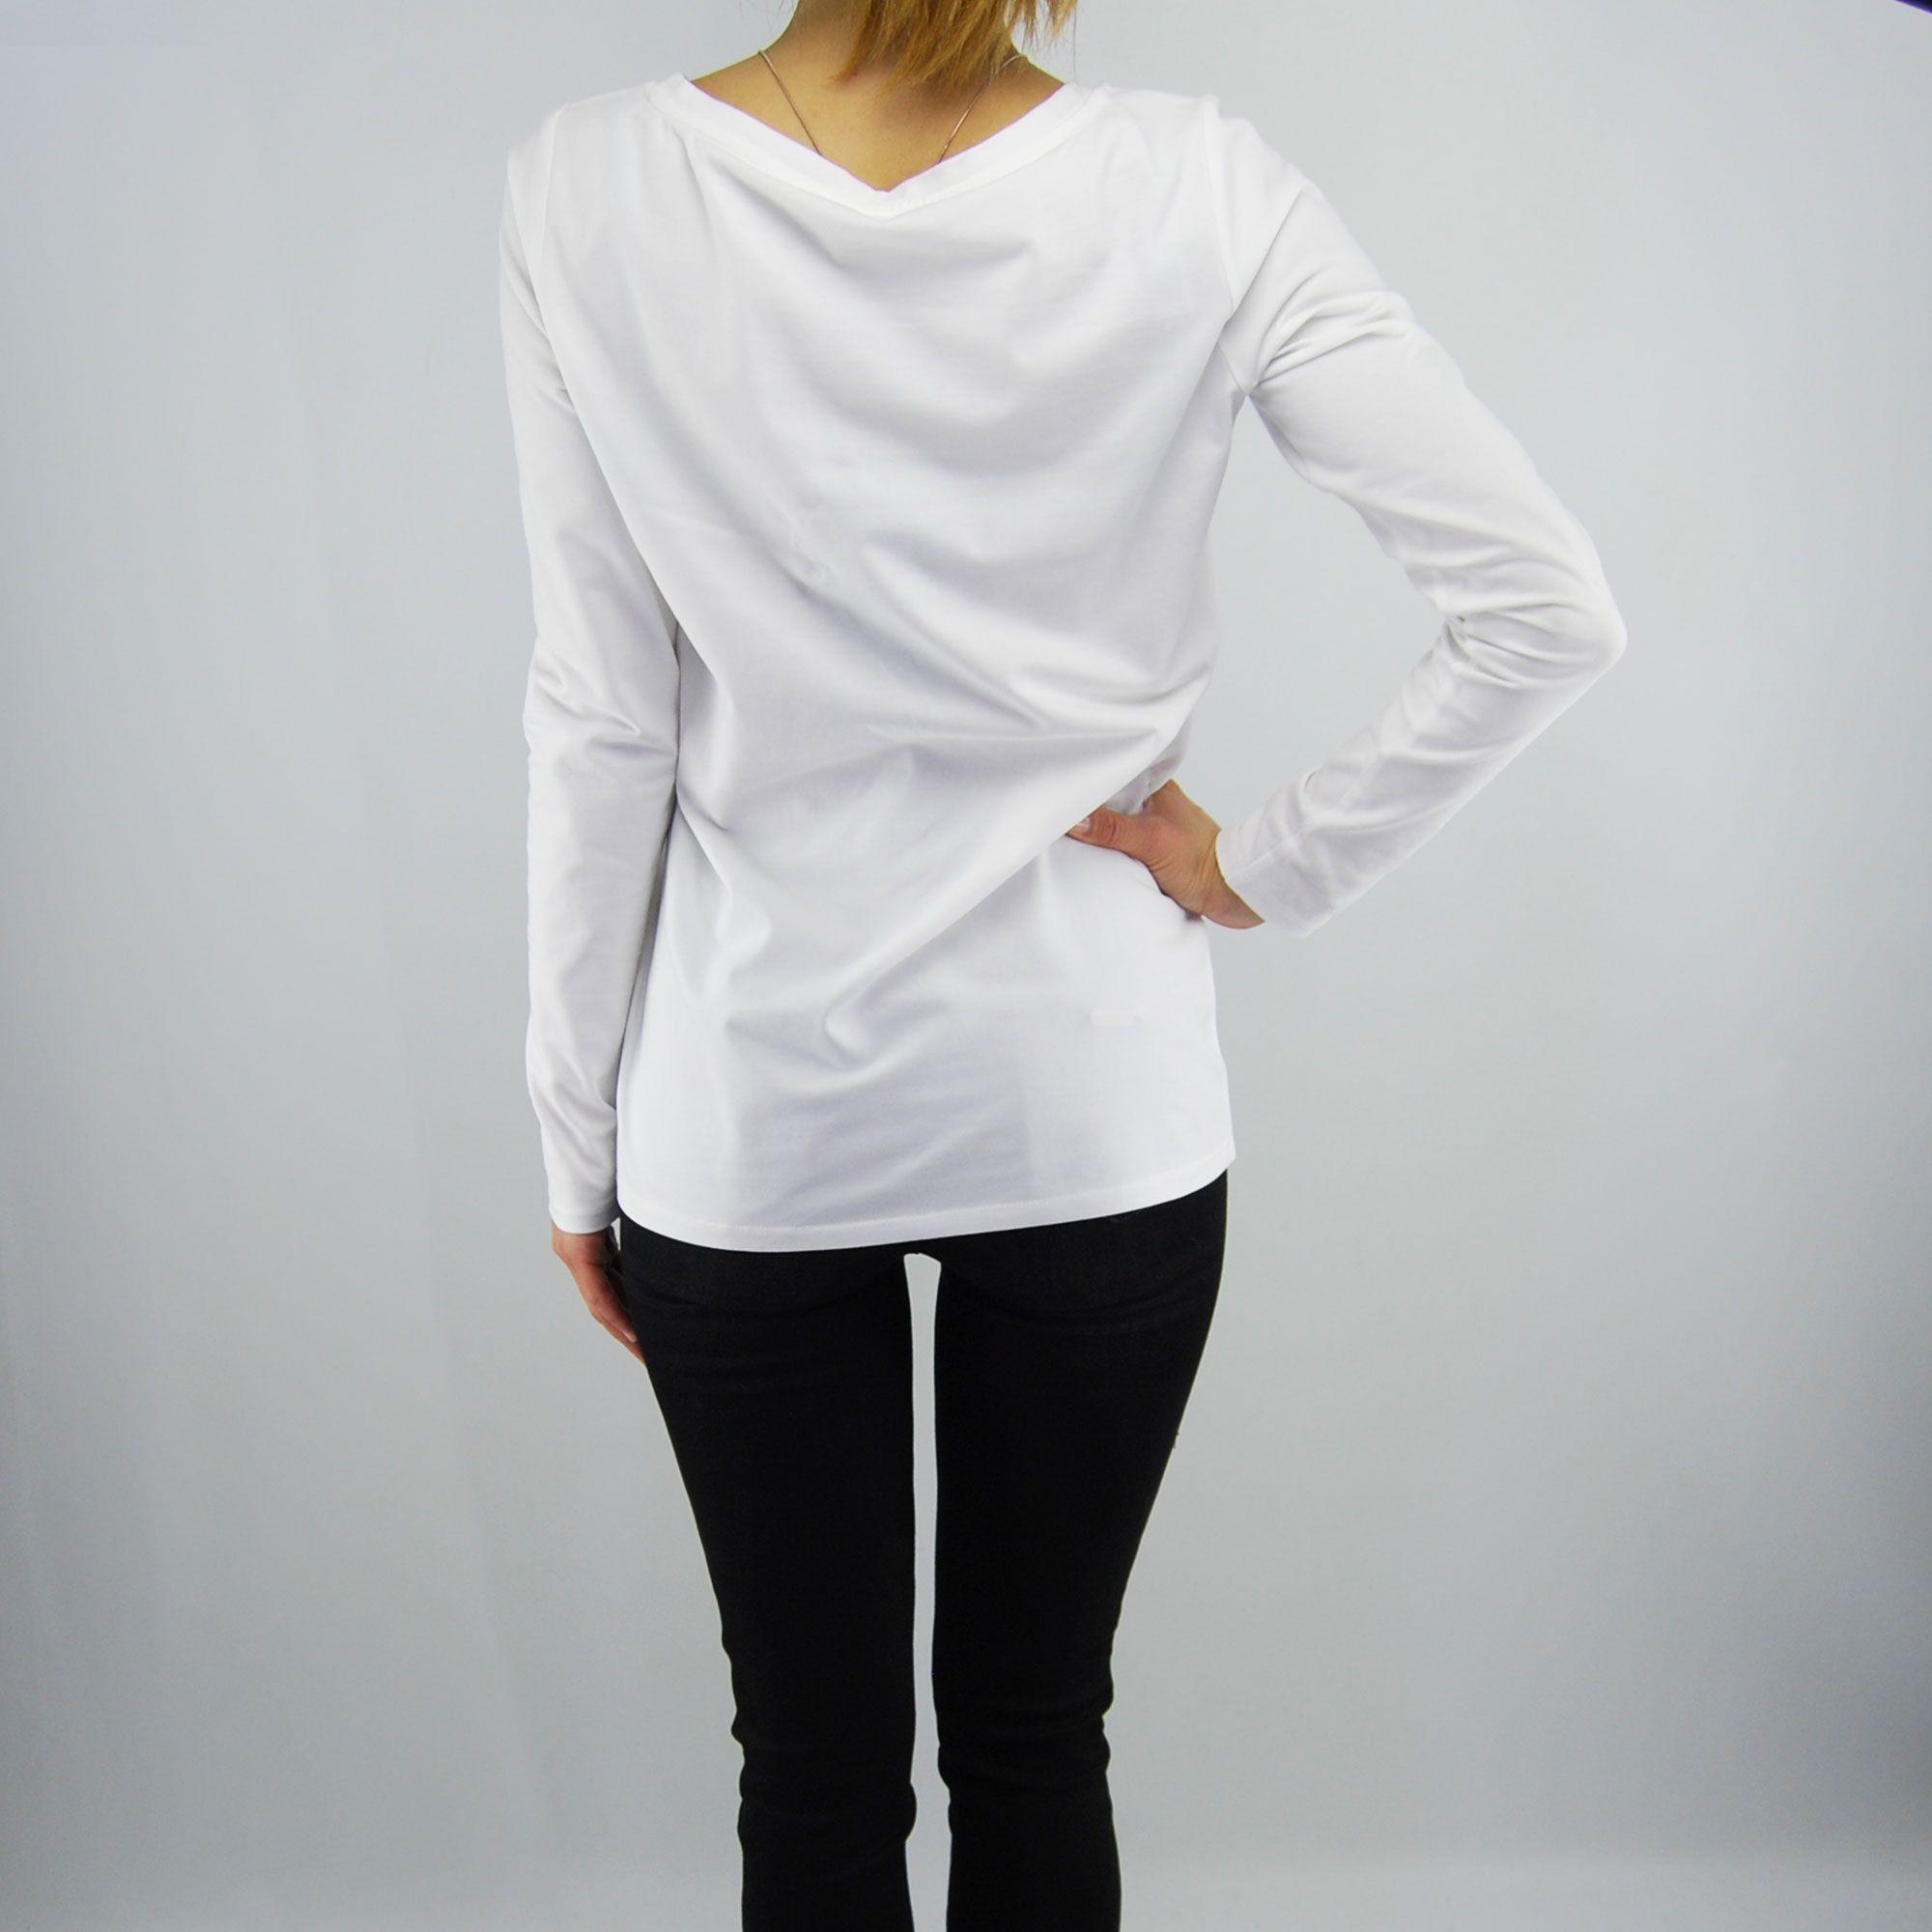 T shirt Liu Jo charlotte bianca 234692a1798